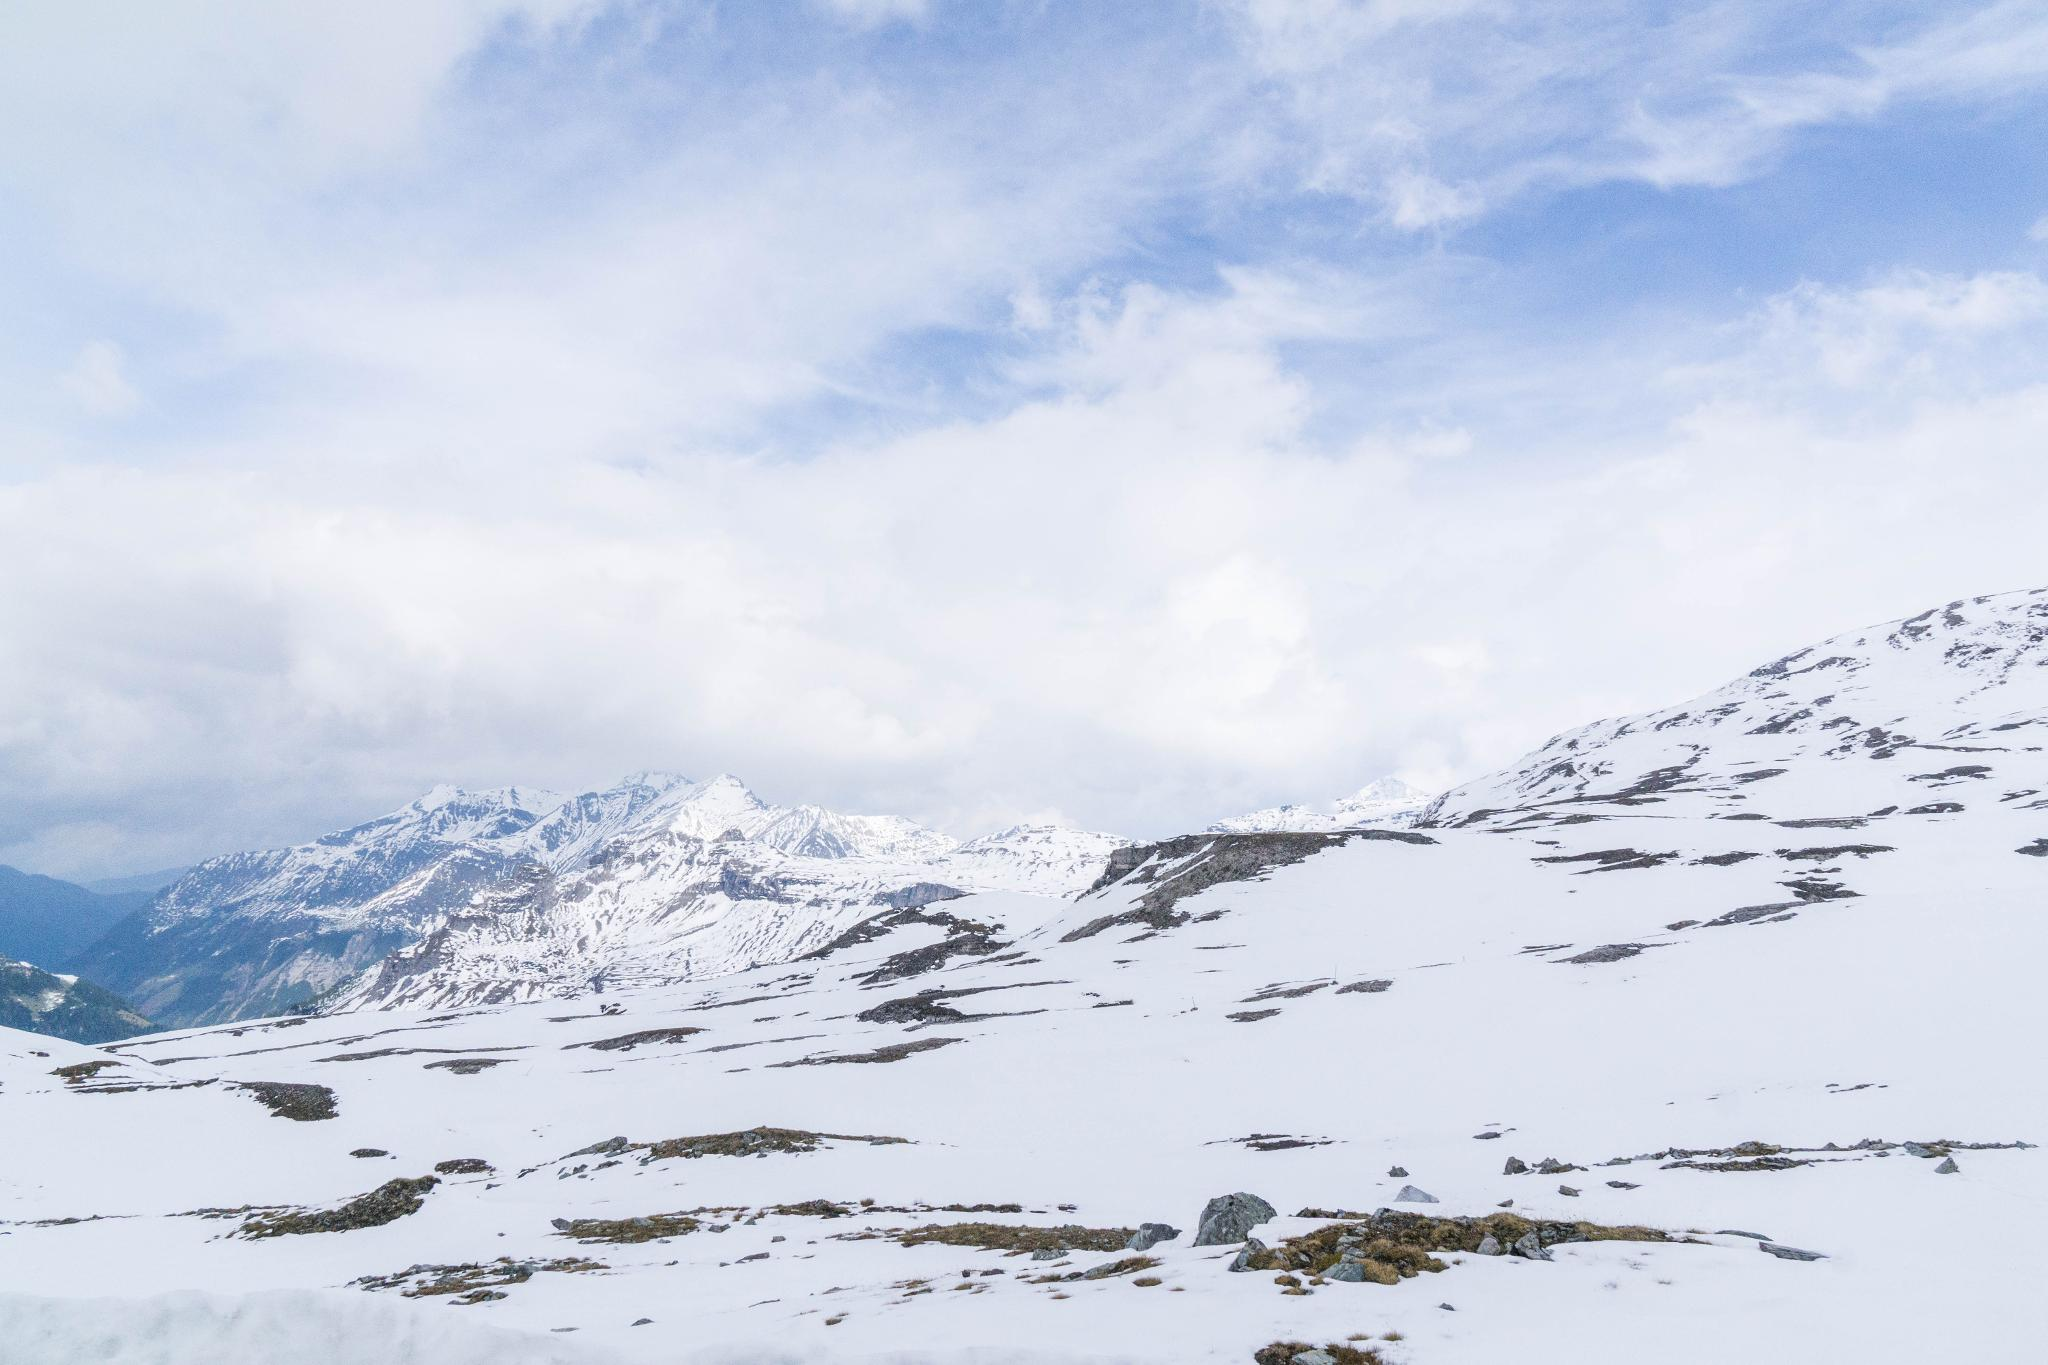 【奧地利】穿越阿爾卑斯之巔 — 奧地利大鐘山冰河公路 (Grossglockner High Alpine Road) 46